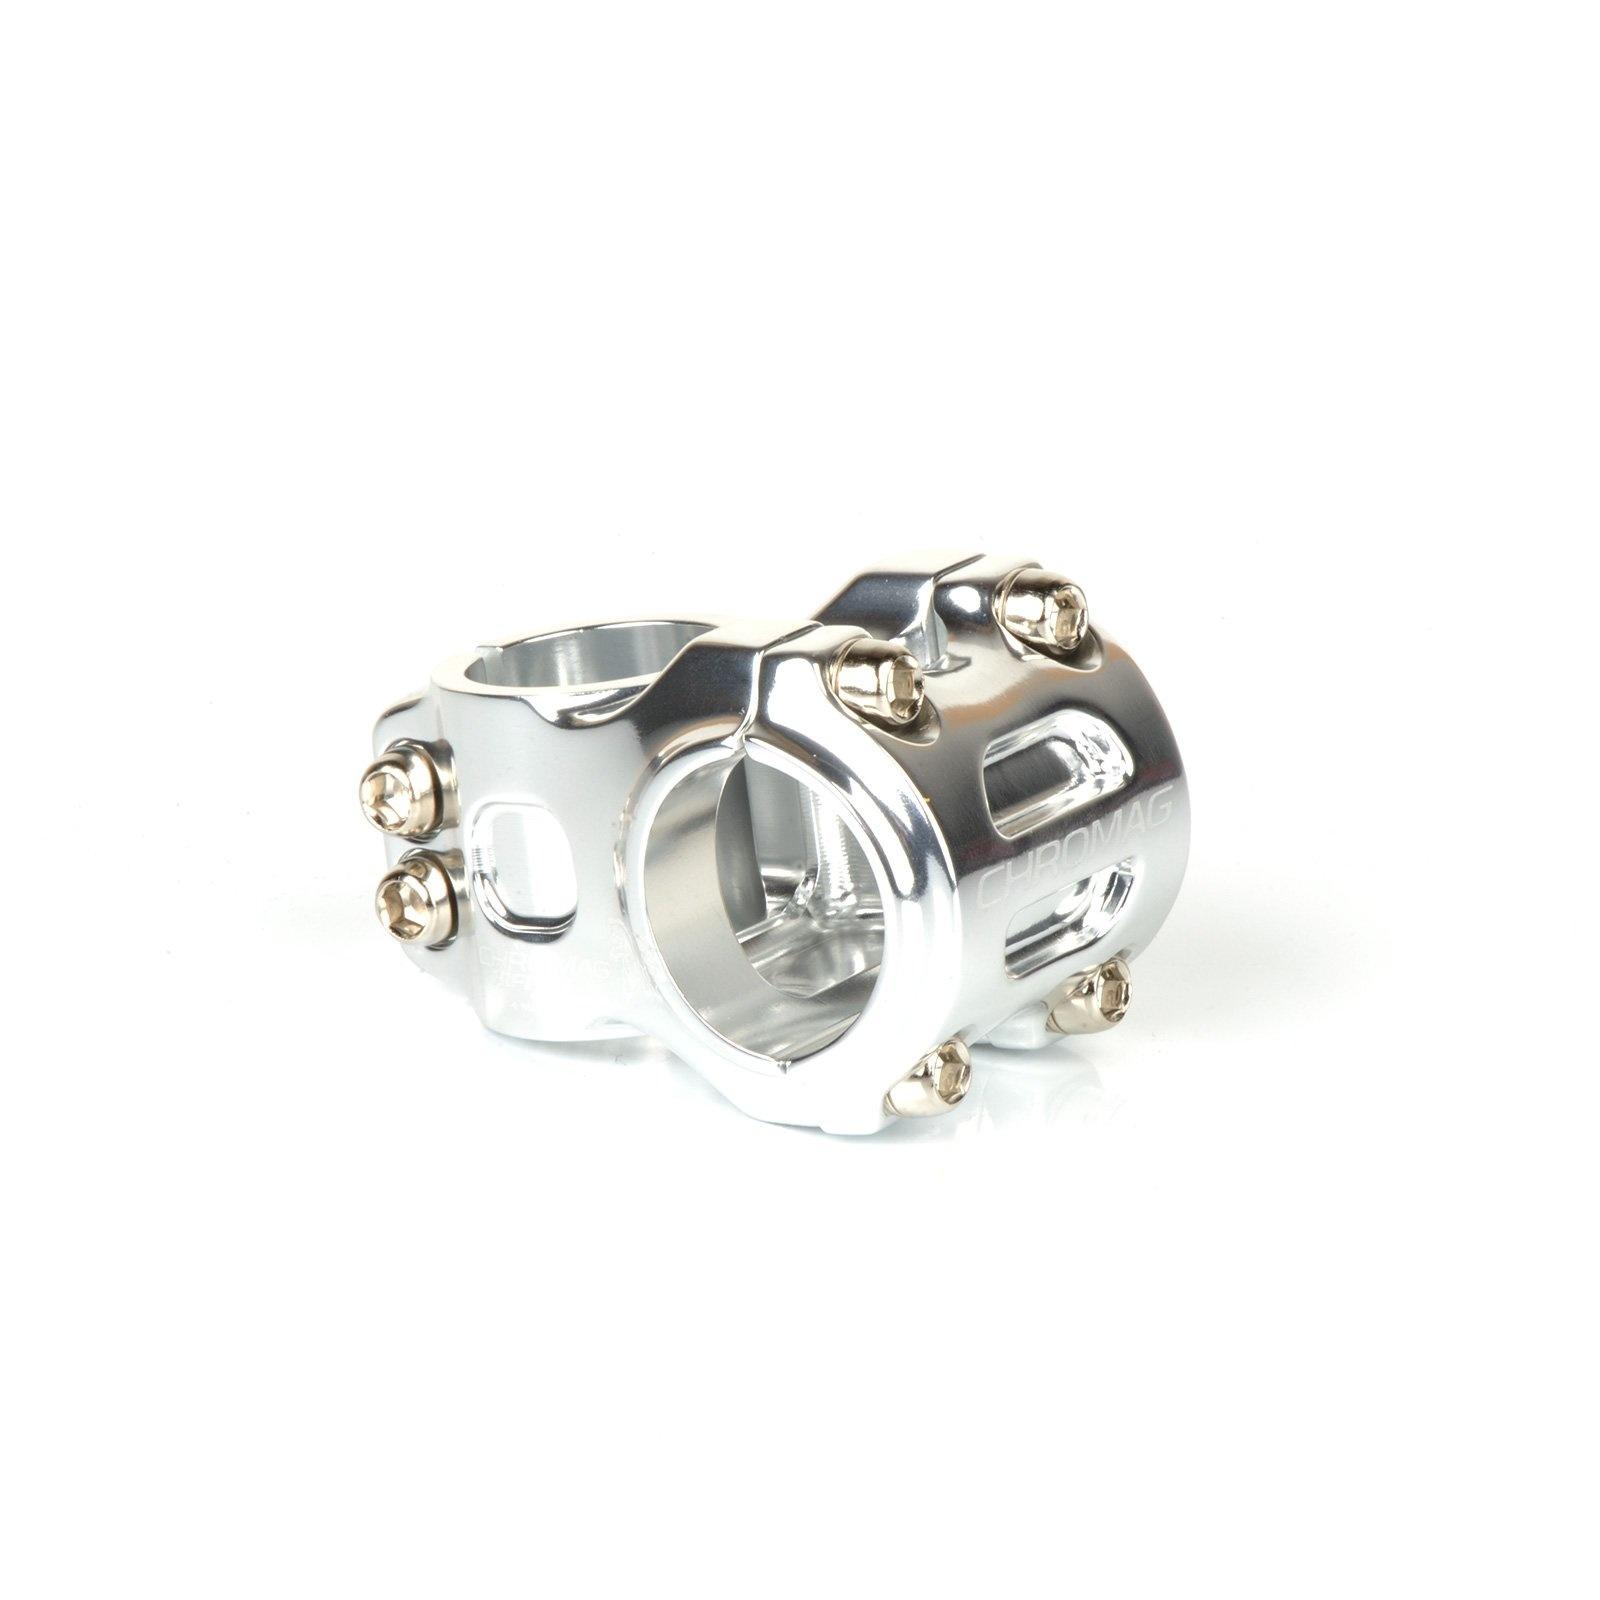 Chromag HIFI V2 31.8 Stem-2